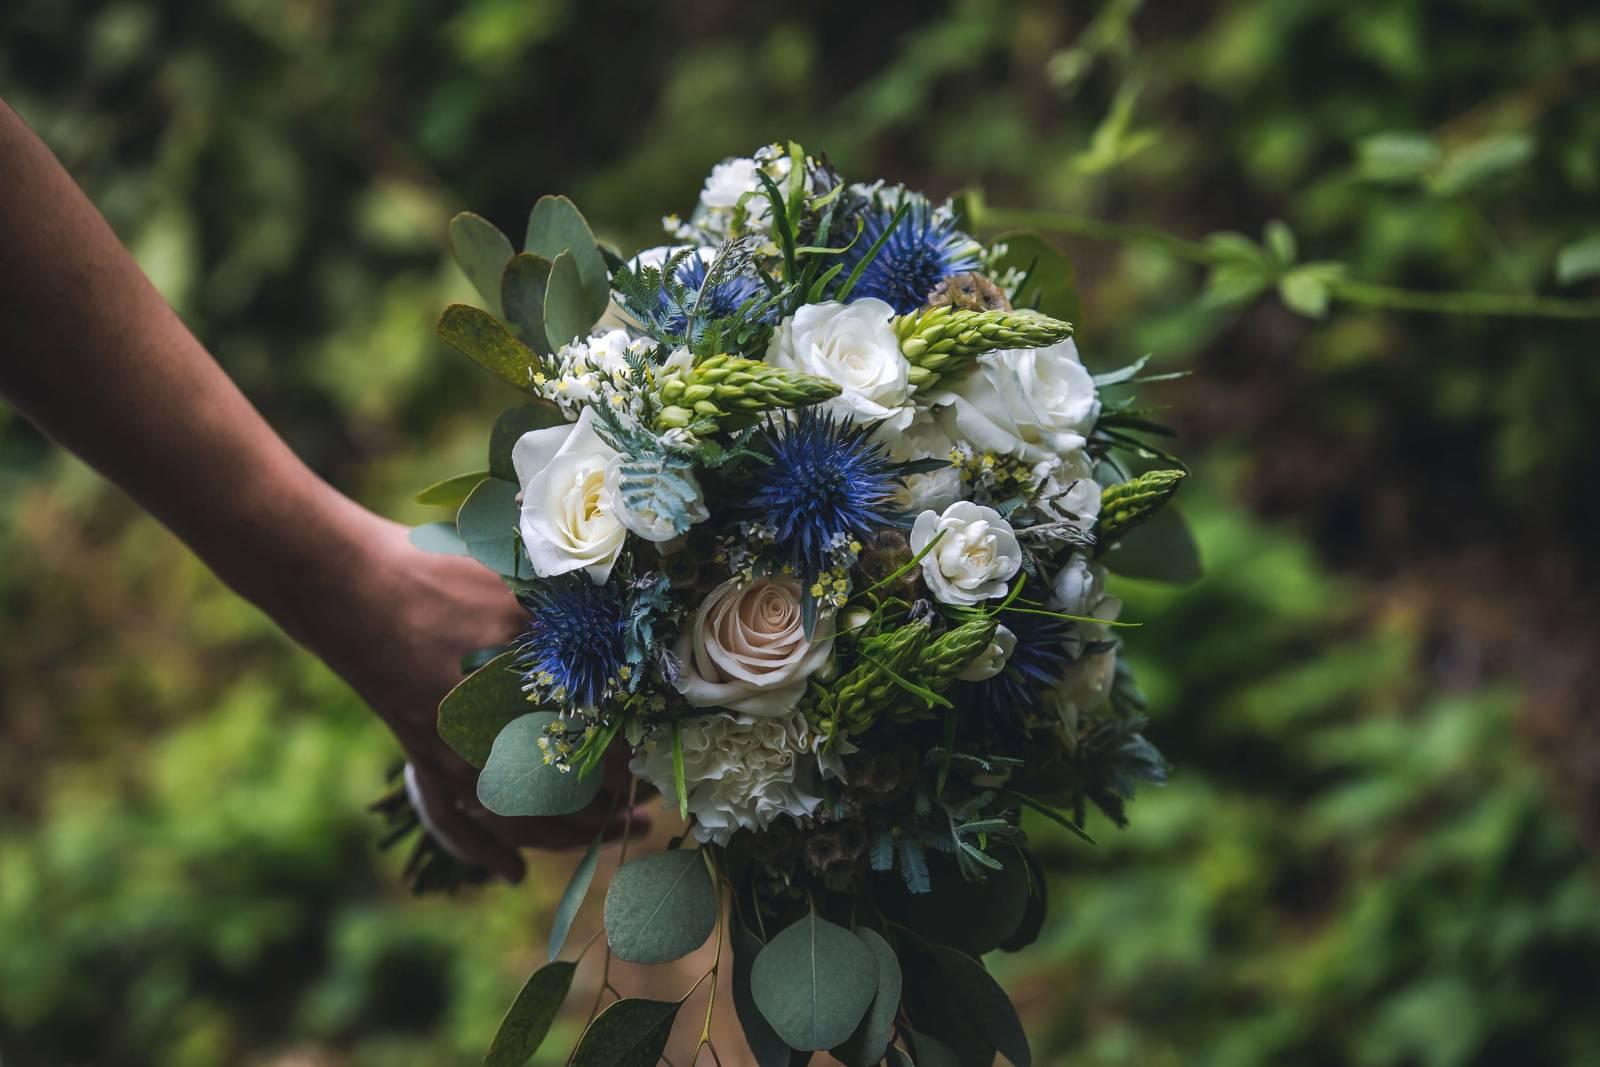 Art of Flower |Bruidsboeket & Bloemendecoratie | House of Weddings - 28